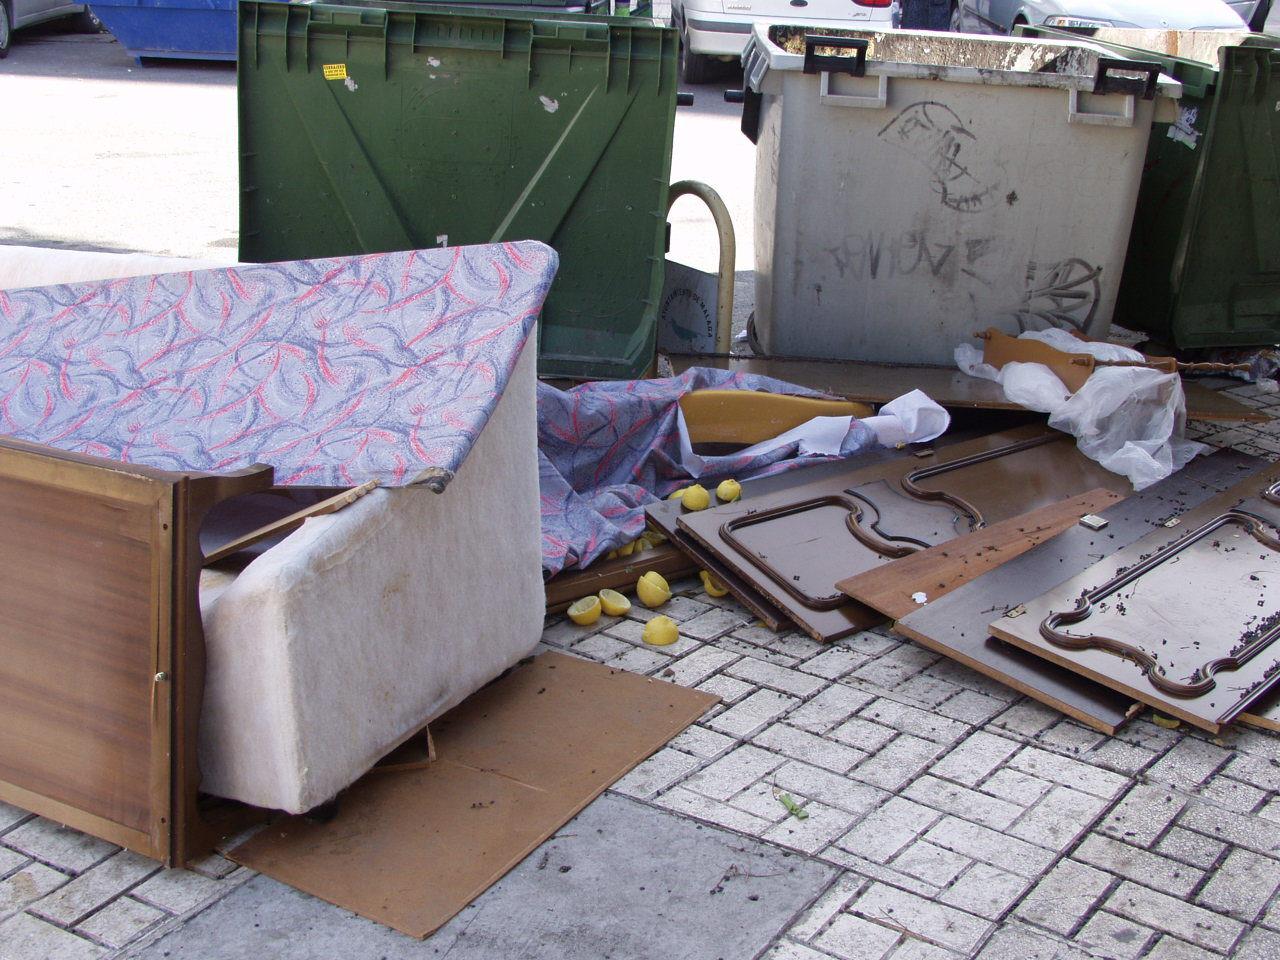 Muebles en la acera fotos de foto denuncia - Muebles pedro alcaraz ...